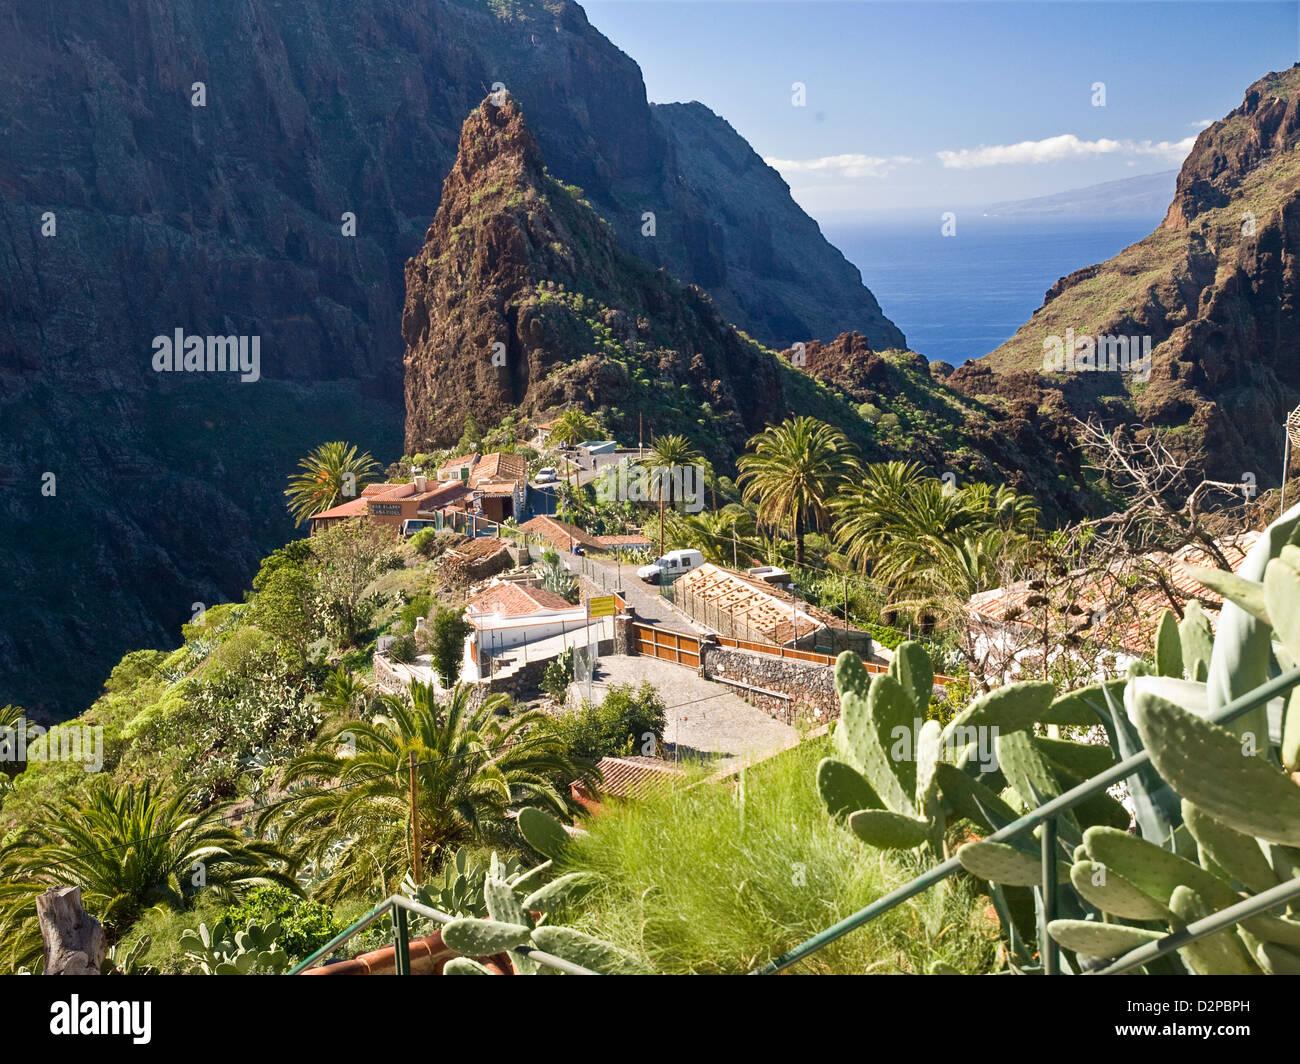 Masca im Teno Gebirge, Teneriffa, Kanarische Inseln, Spanien Stockbild